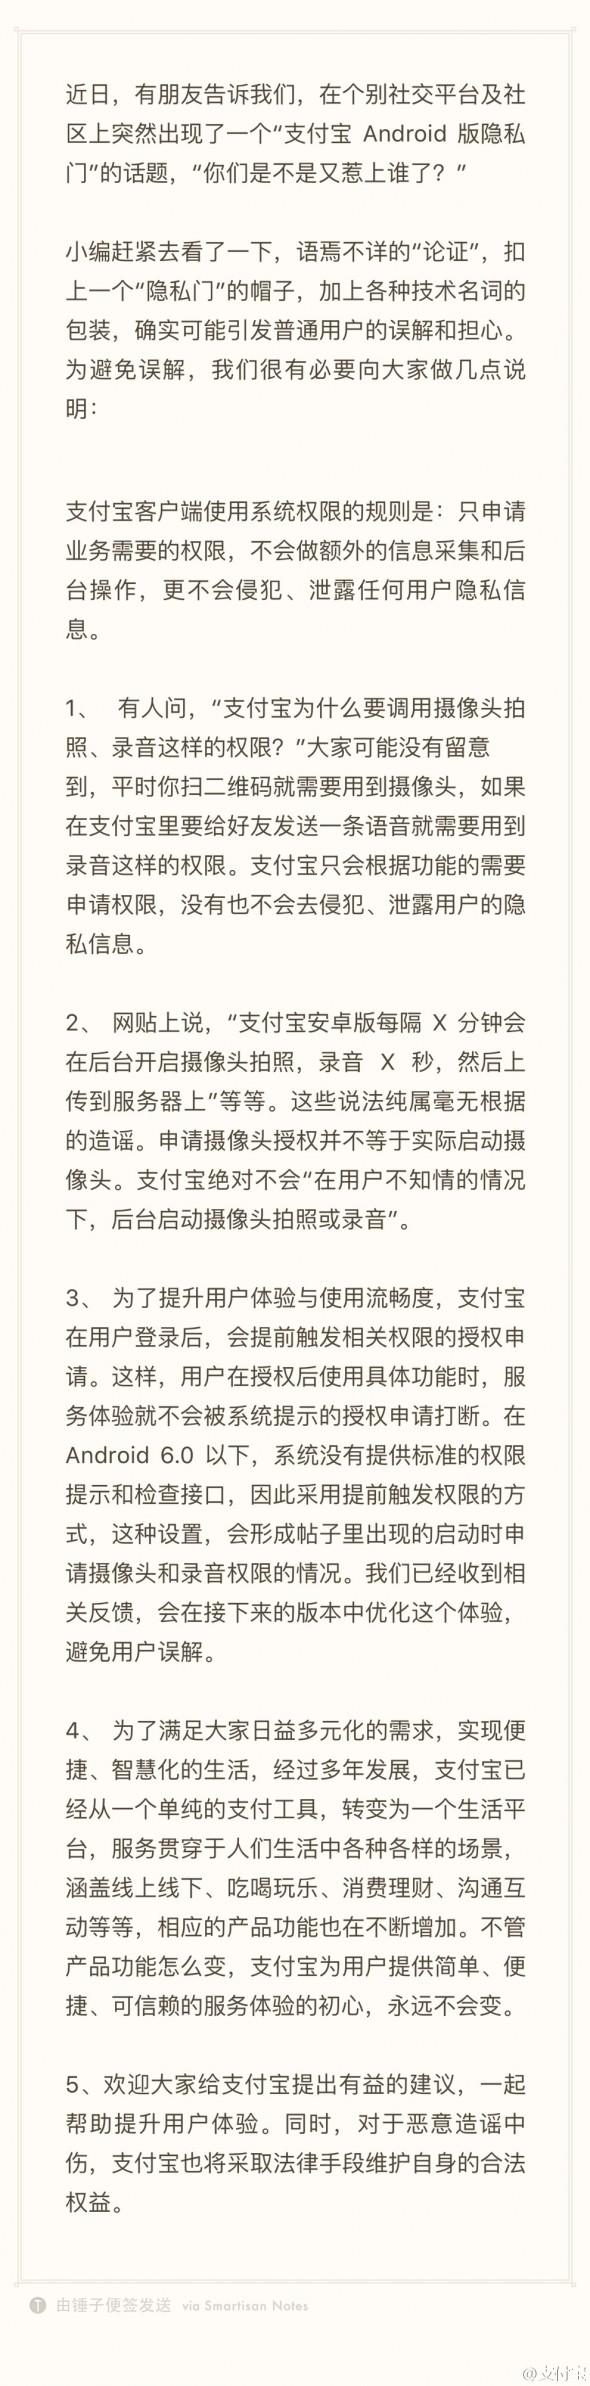 支付寶Android版被爆竊取使用者隱私,竟自動拍照、錄音上傳伺服器 [更新] 70be0b0cgw1f19axk0ogfj20ri338wx7-590x2386